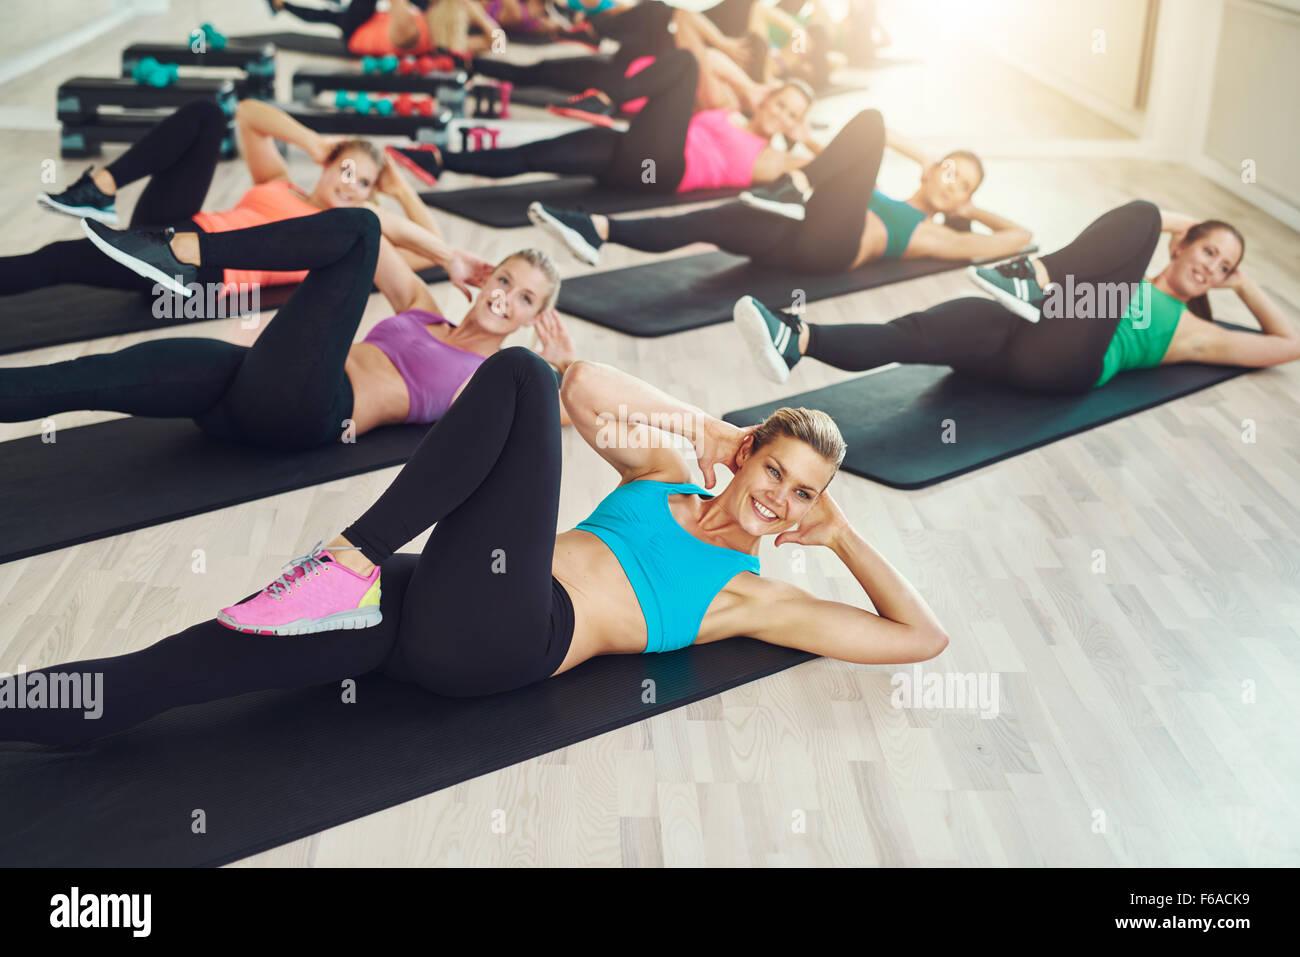 Gruppo di montare un sano delle giovani donne in una palestra di indossare abbigliamento sportivo colorati che lavora Immagini Stock